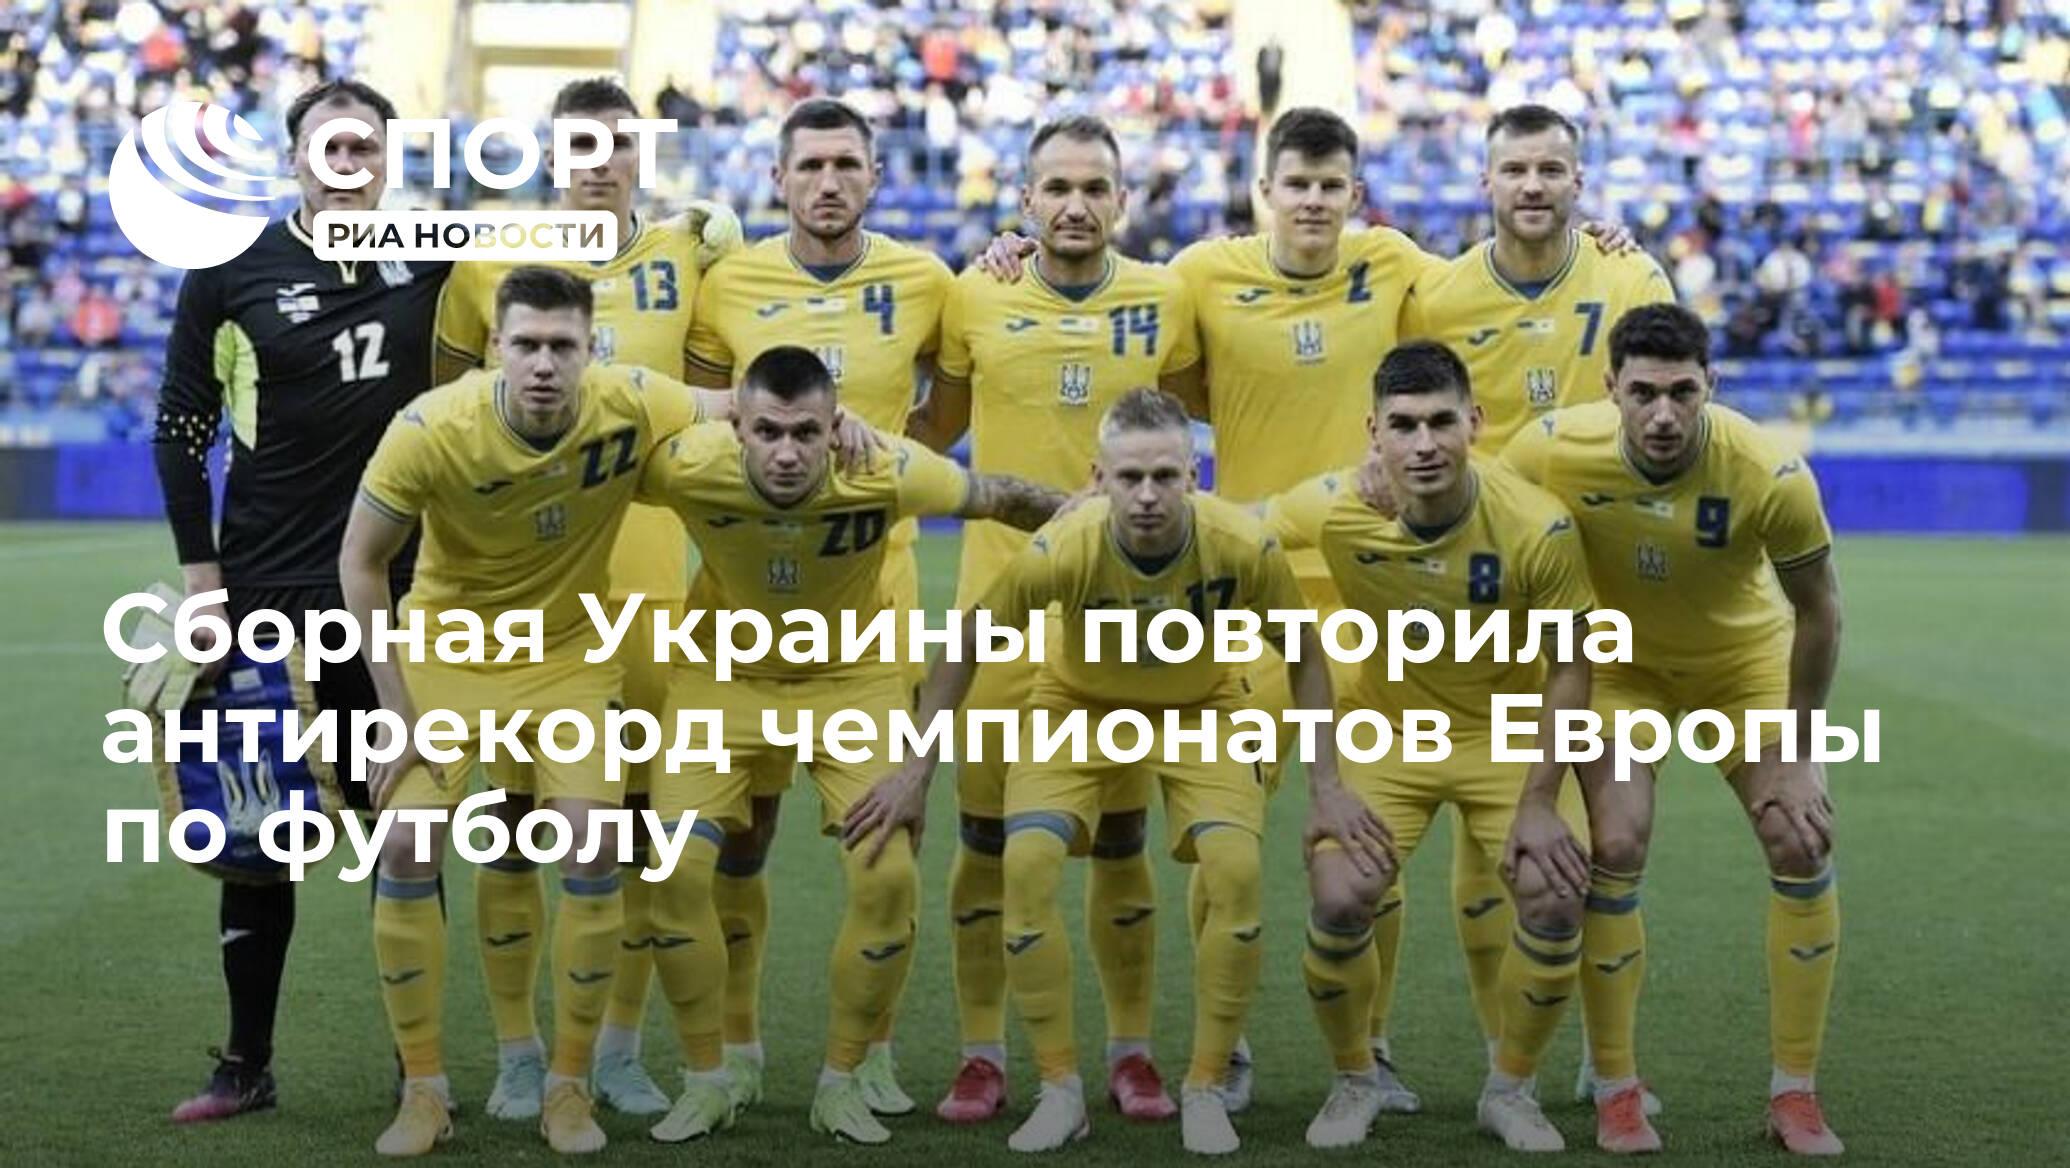 Photo of Сборная Украины повторила антирекорд чемпионатов Европы по футболу | РИА Новости